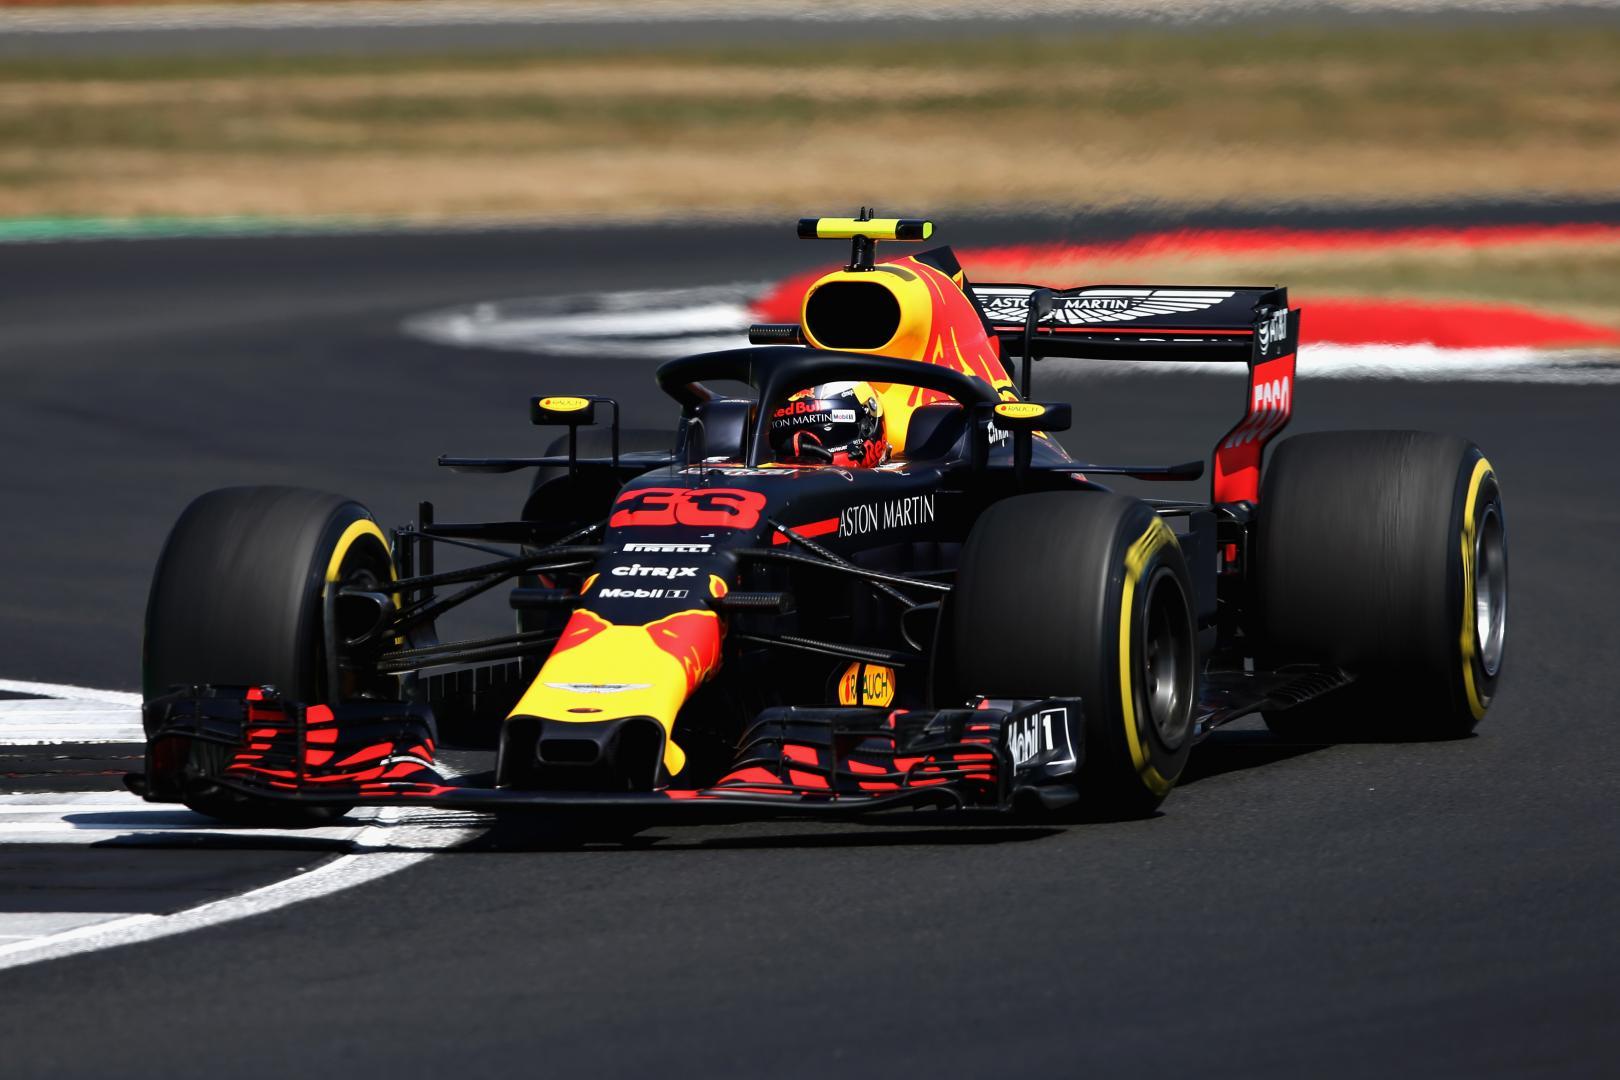 Uitslag van de GP van Groot-Brittannië 2018